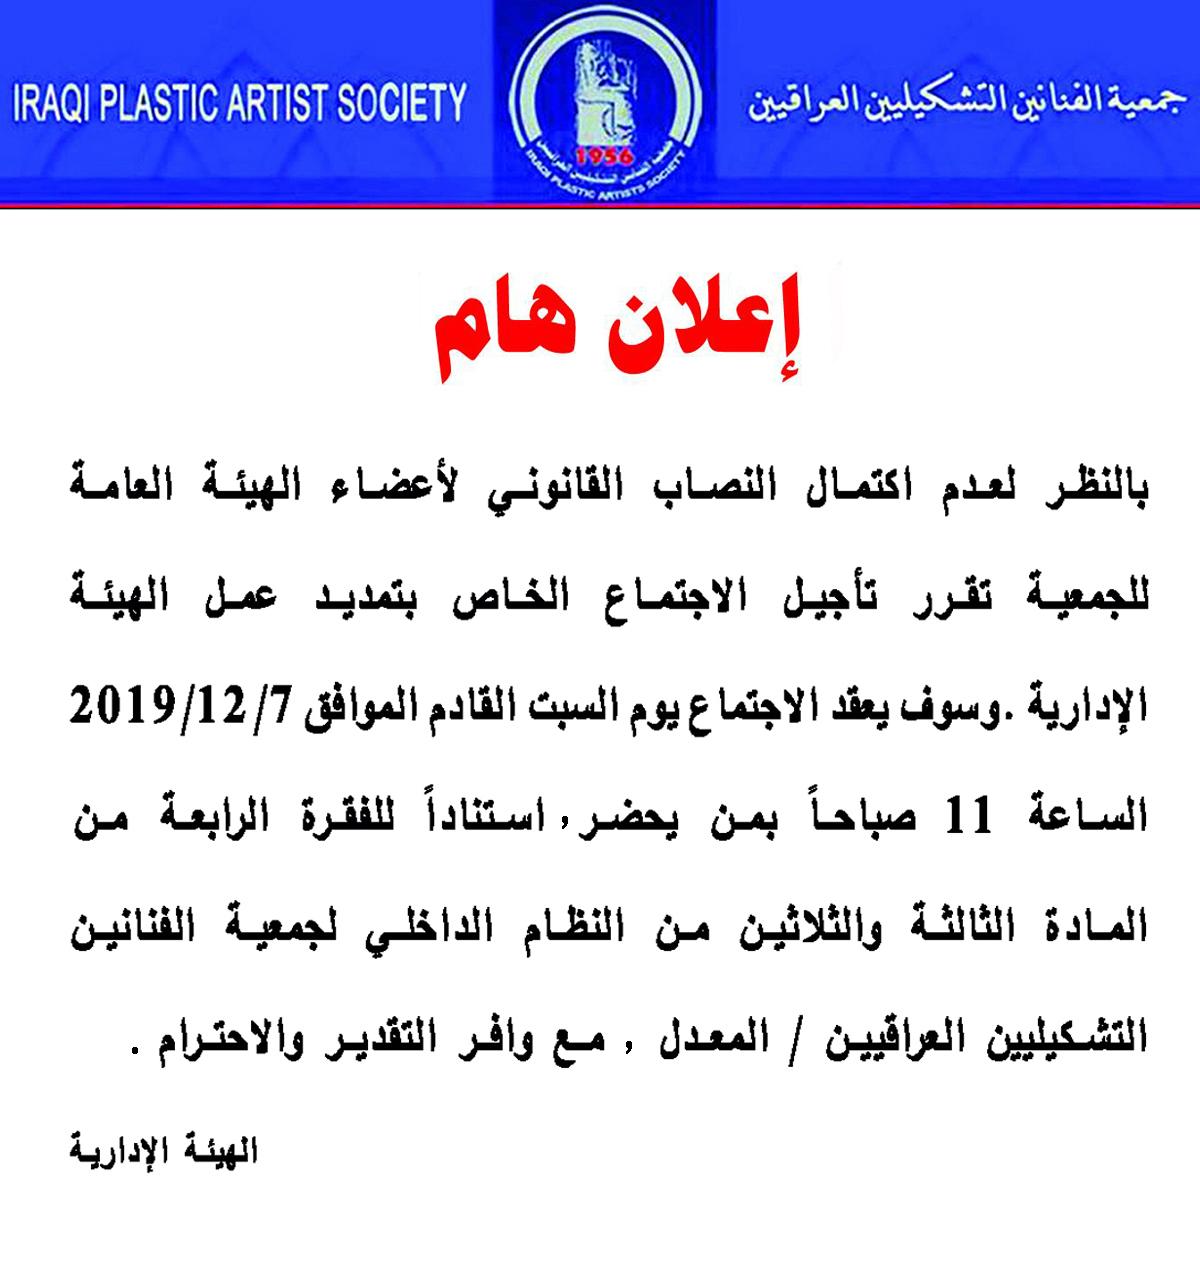 دعوة لحضور الاجتماع الخاص بتمديد عمل الهيئة الإدارية للجمعية يوم السبت القادم الموافق 7/12/2019